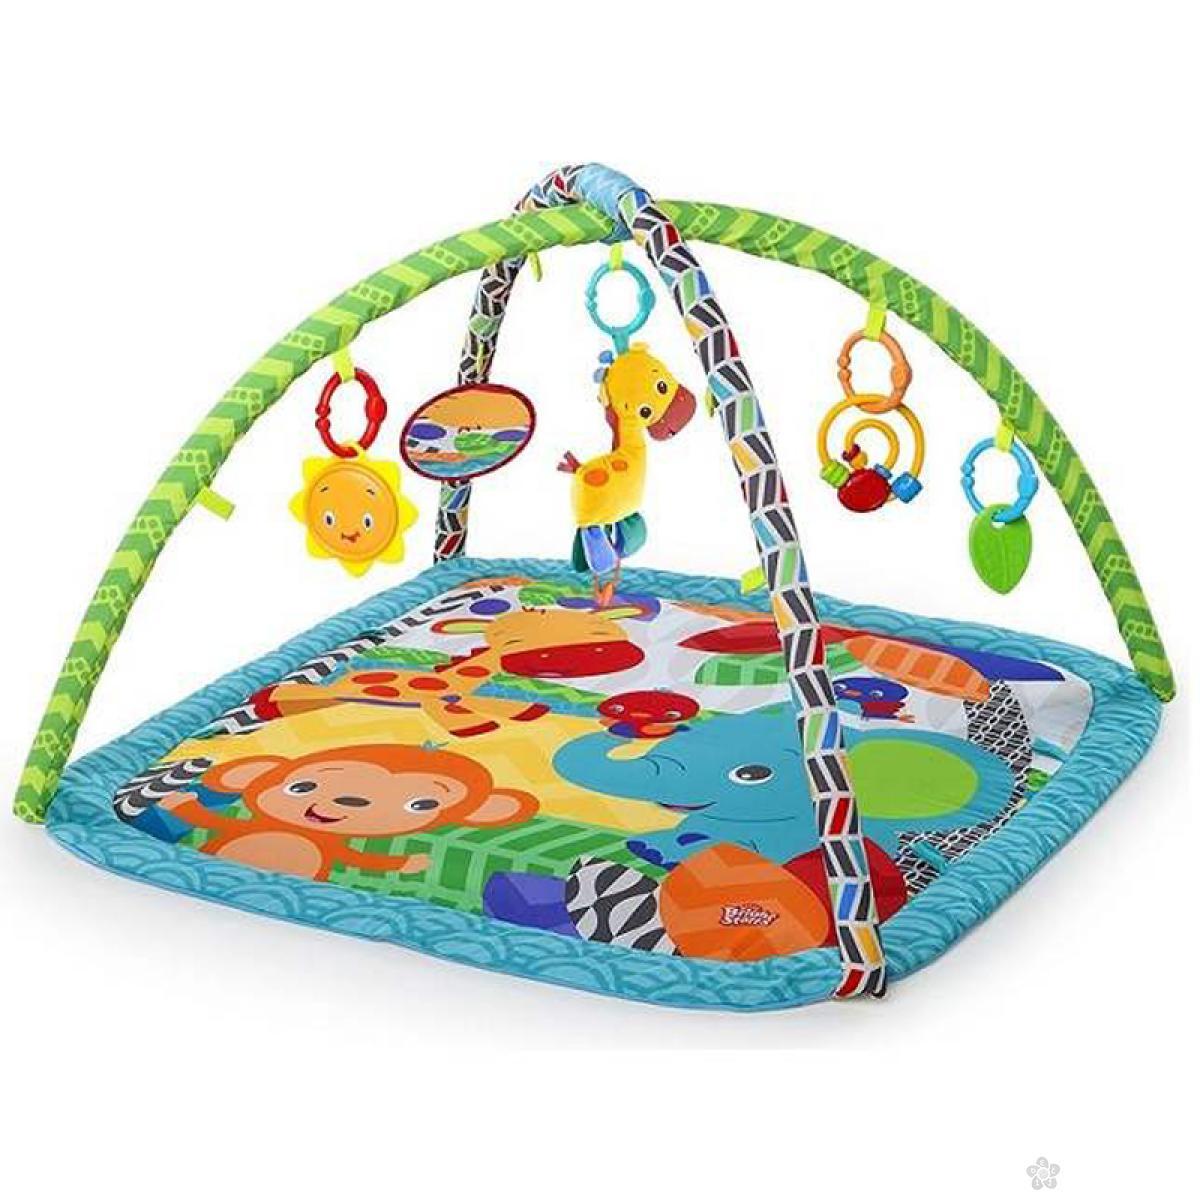 Podloga za igru Kids II Zoo SKU52169